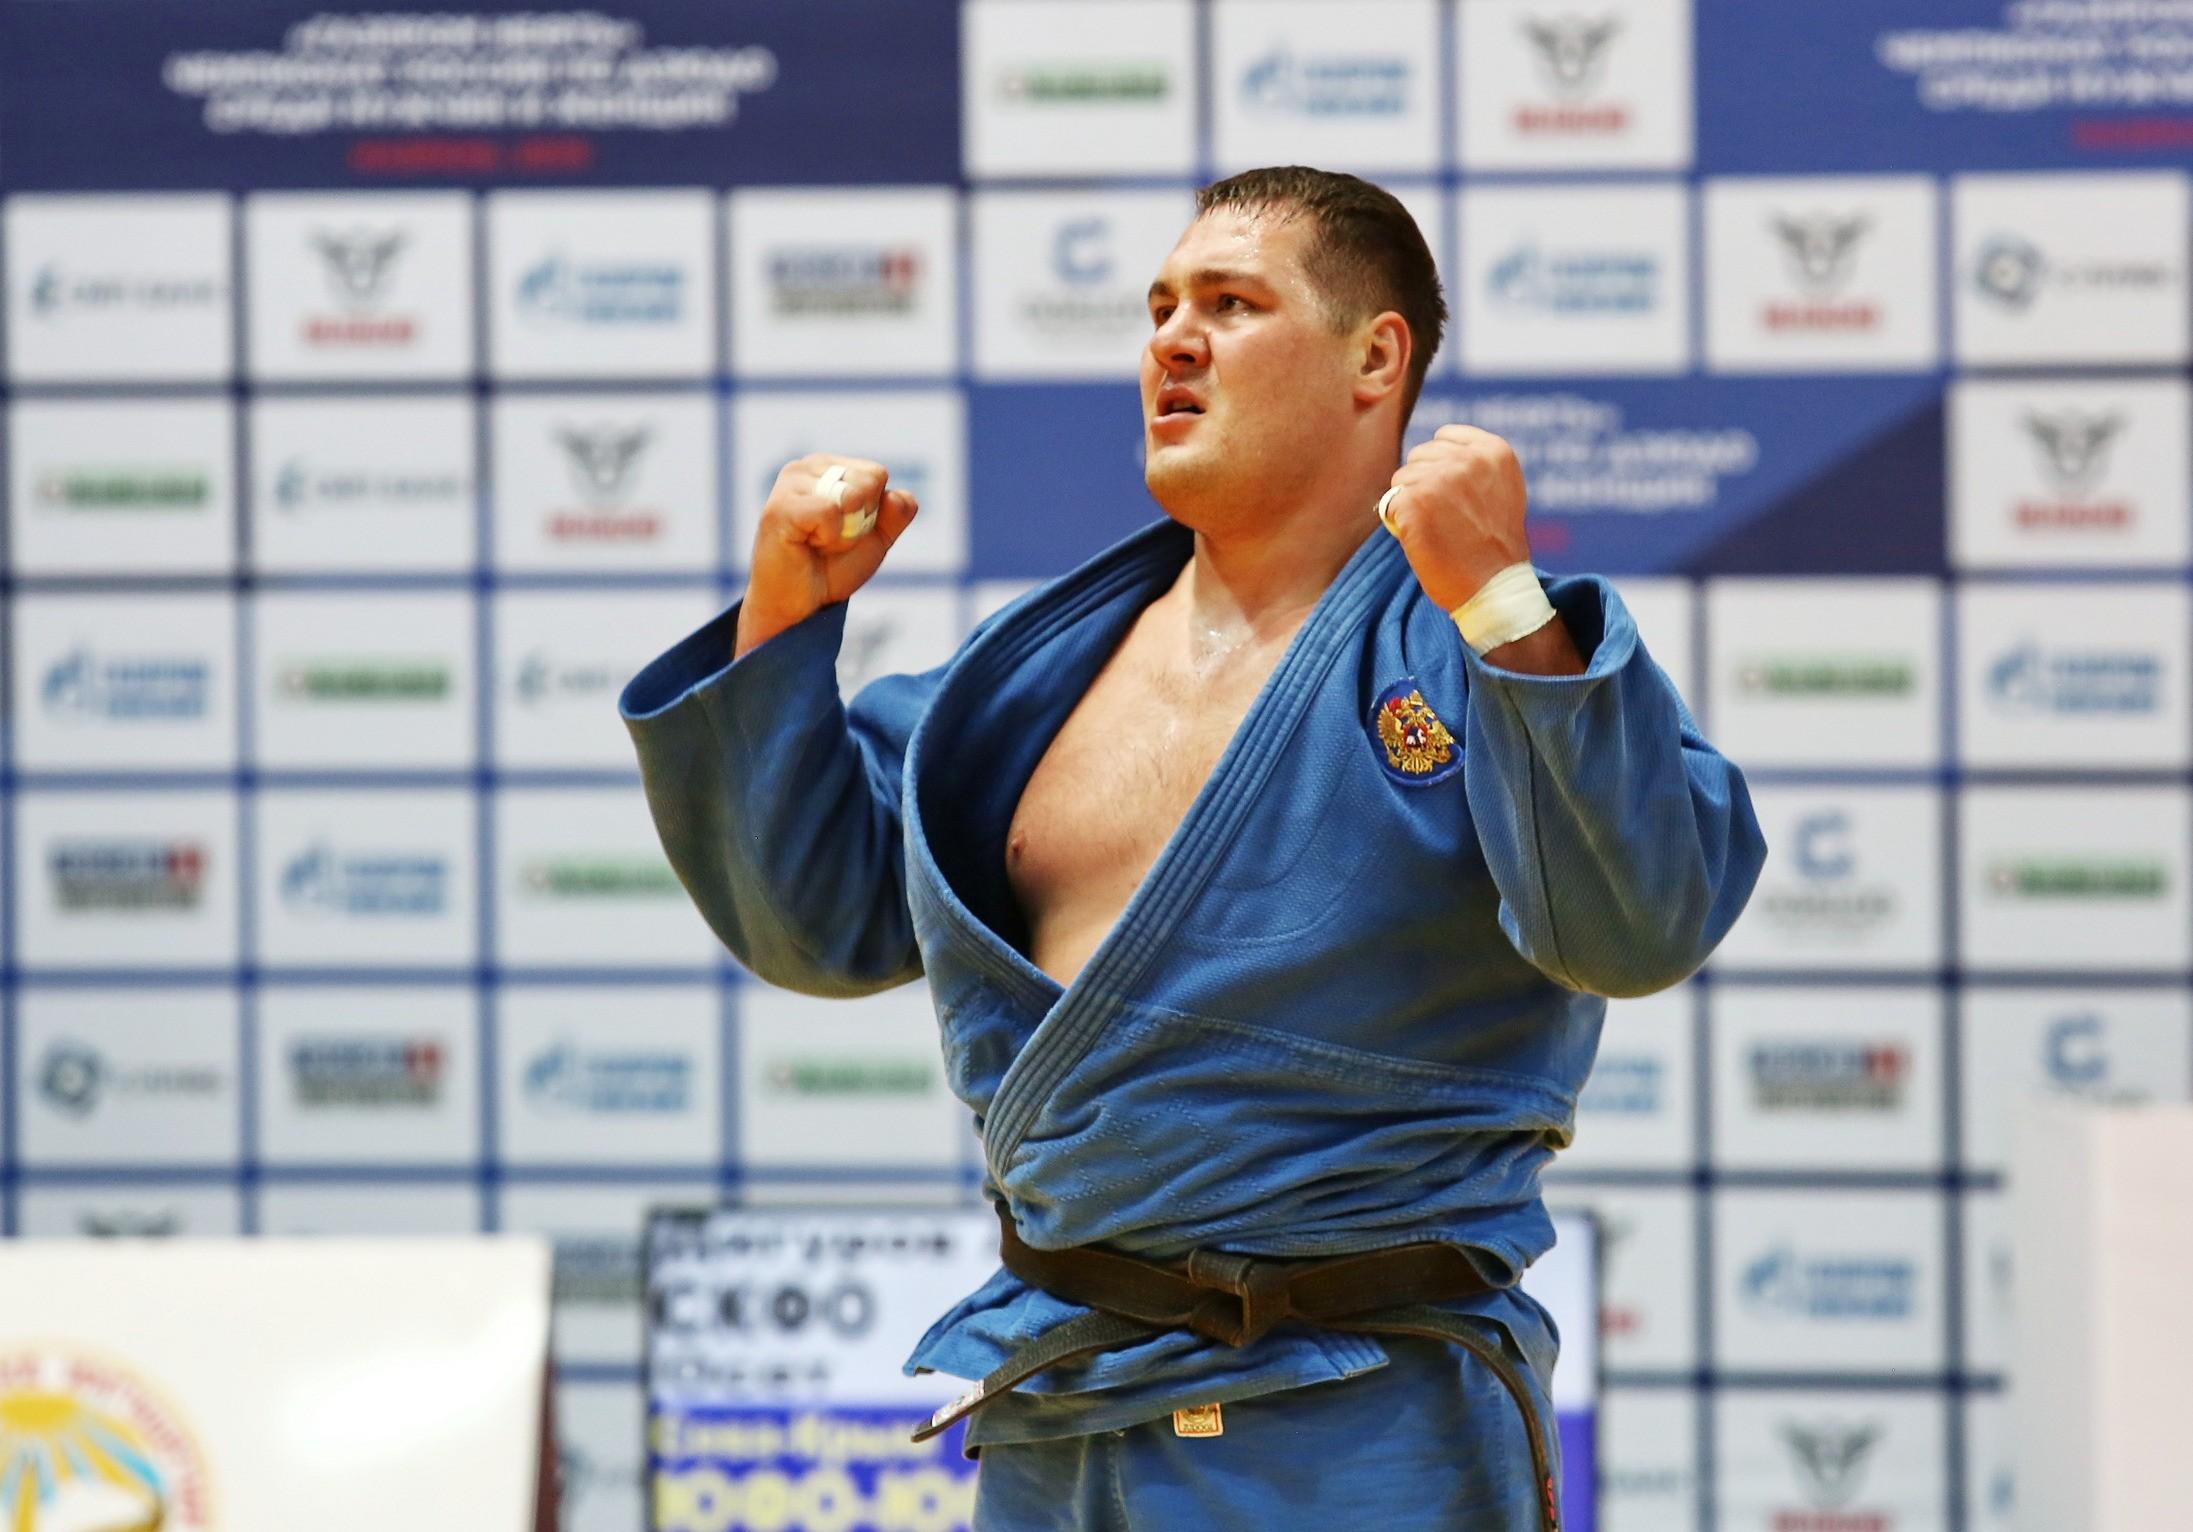 KniEpOBZJ00 - Севастополец Антон Брачев стал чемпионом России по дзюдо!